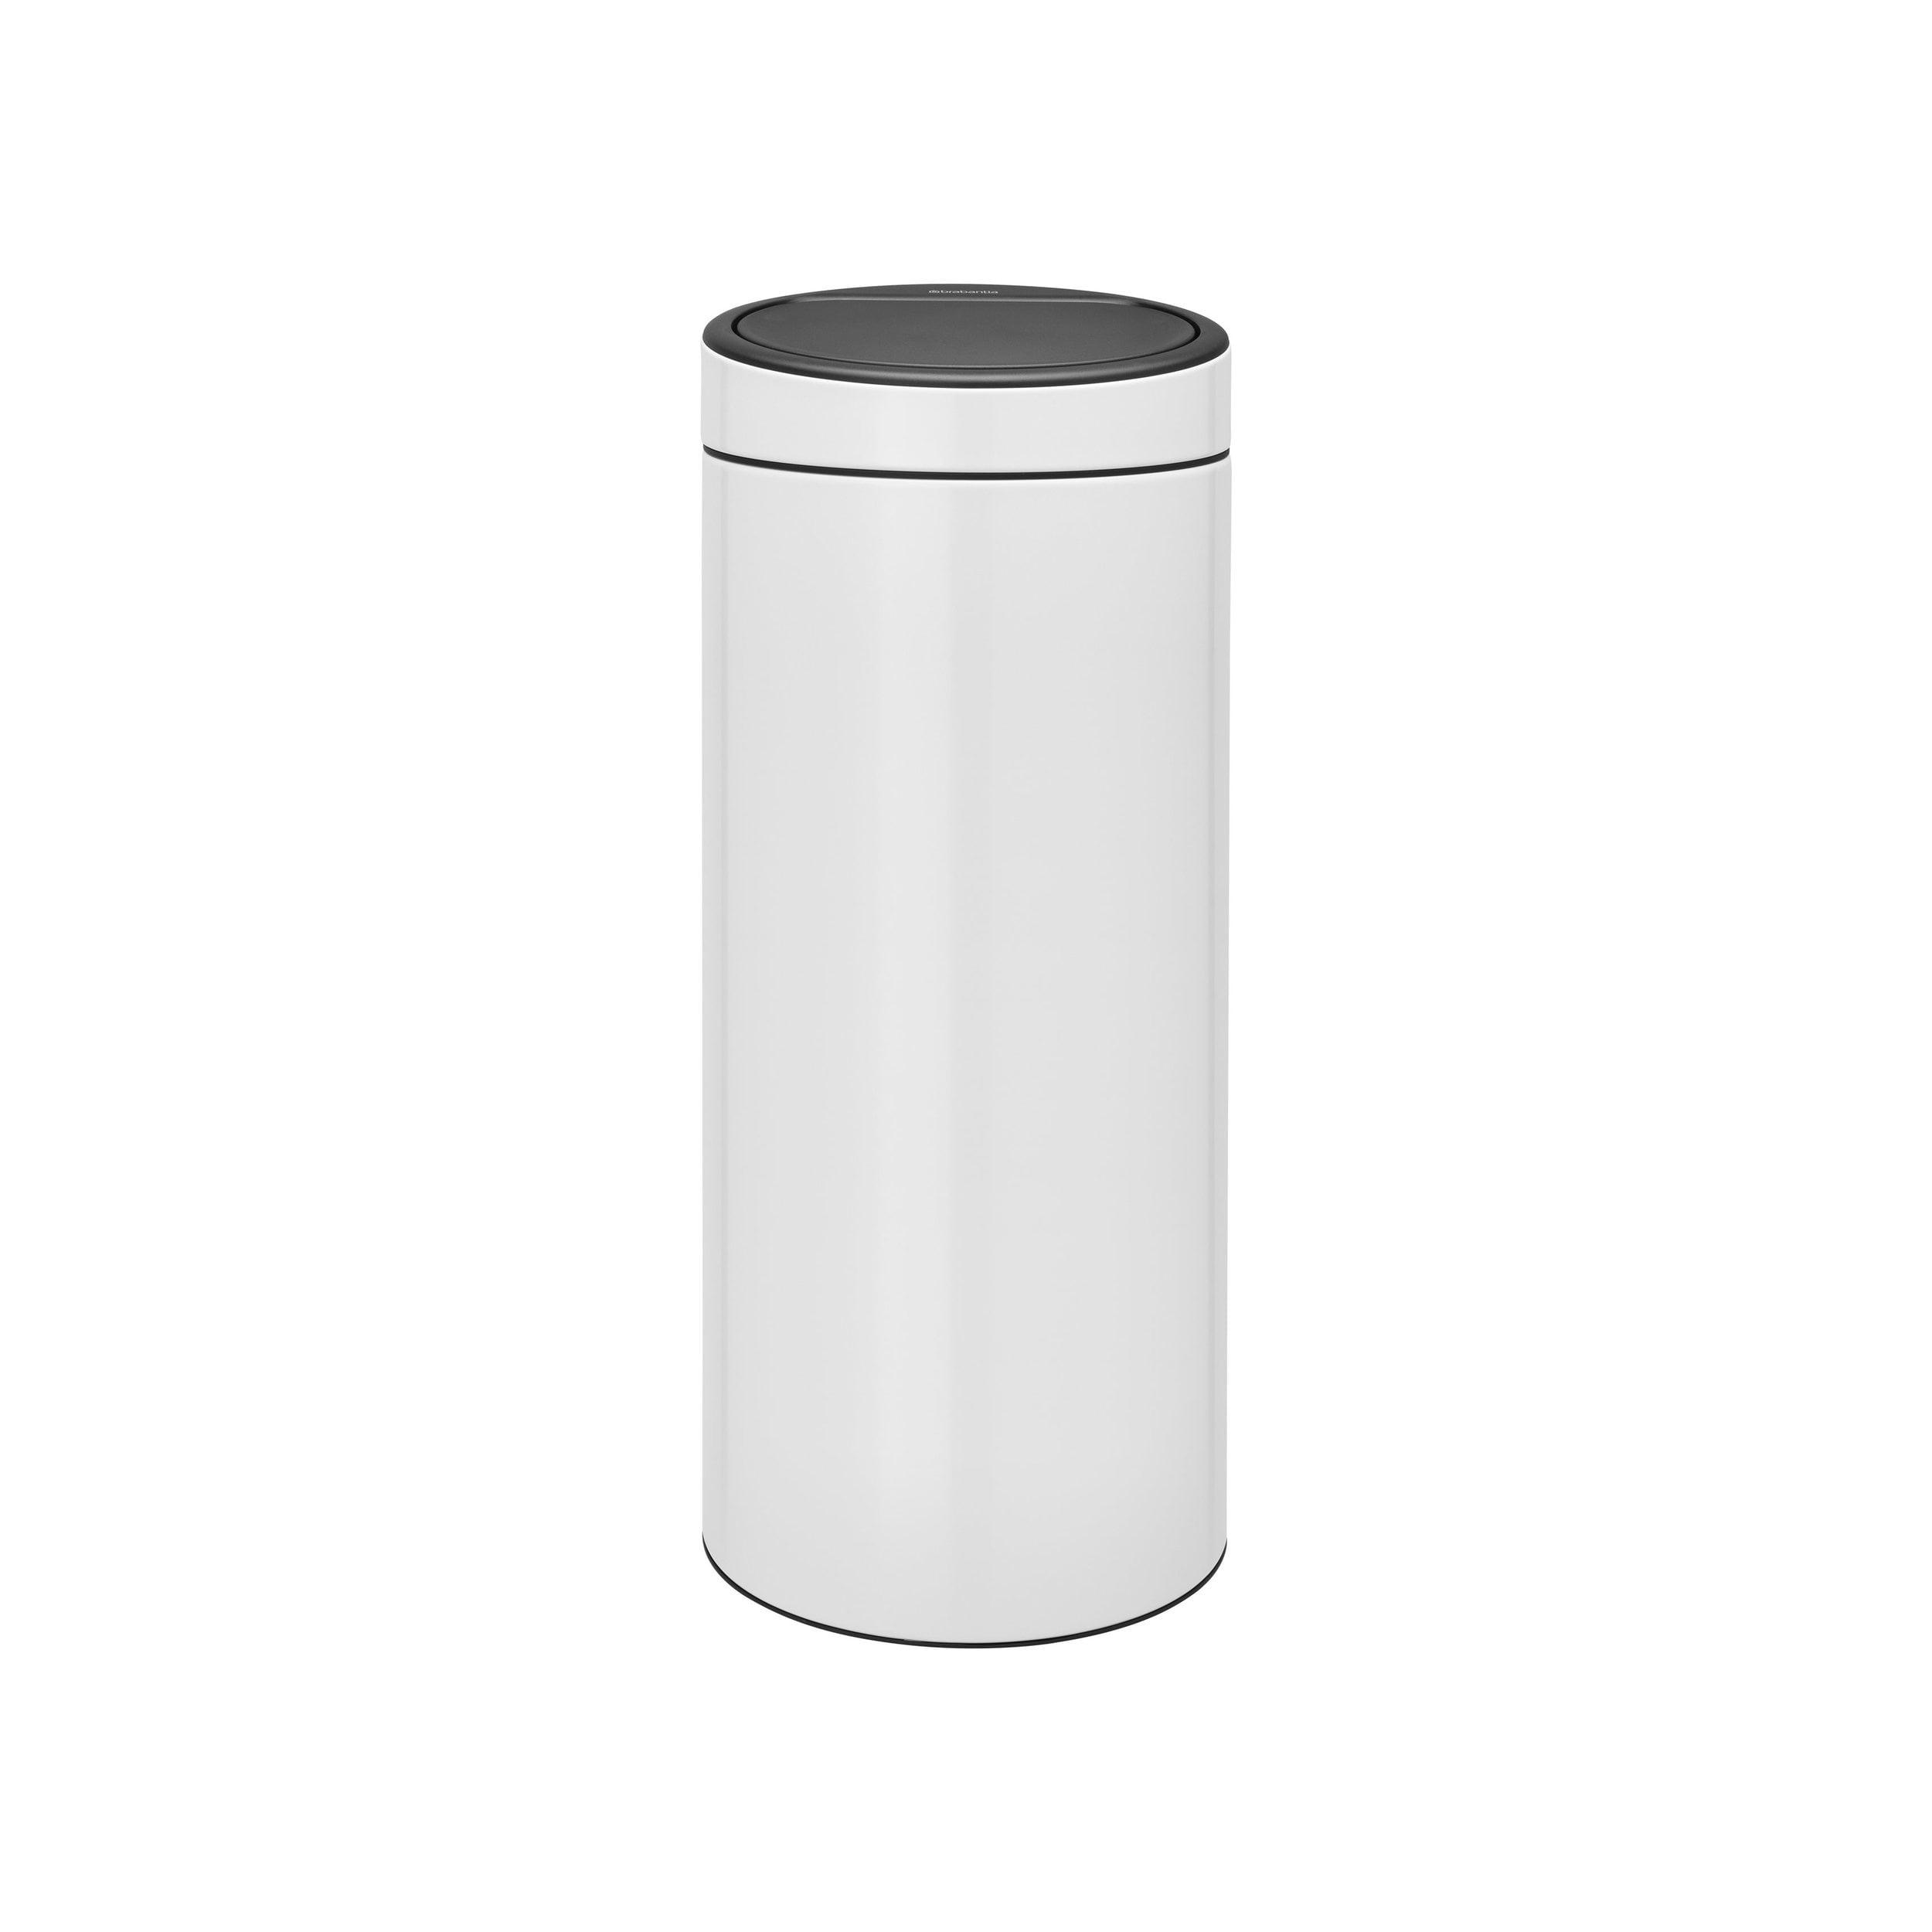 Pedaalemmer Brabantia Touchbin.Brabantia Touch Bin New Afvalemmer 30 Liter White Brabantia Touch Bin New Afvalemmer 30 Liter White